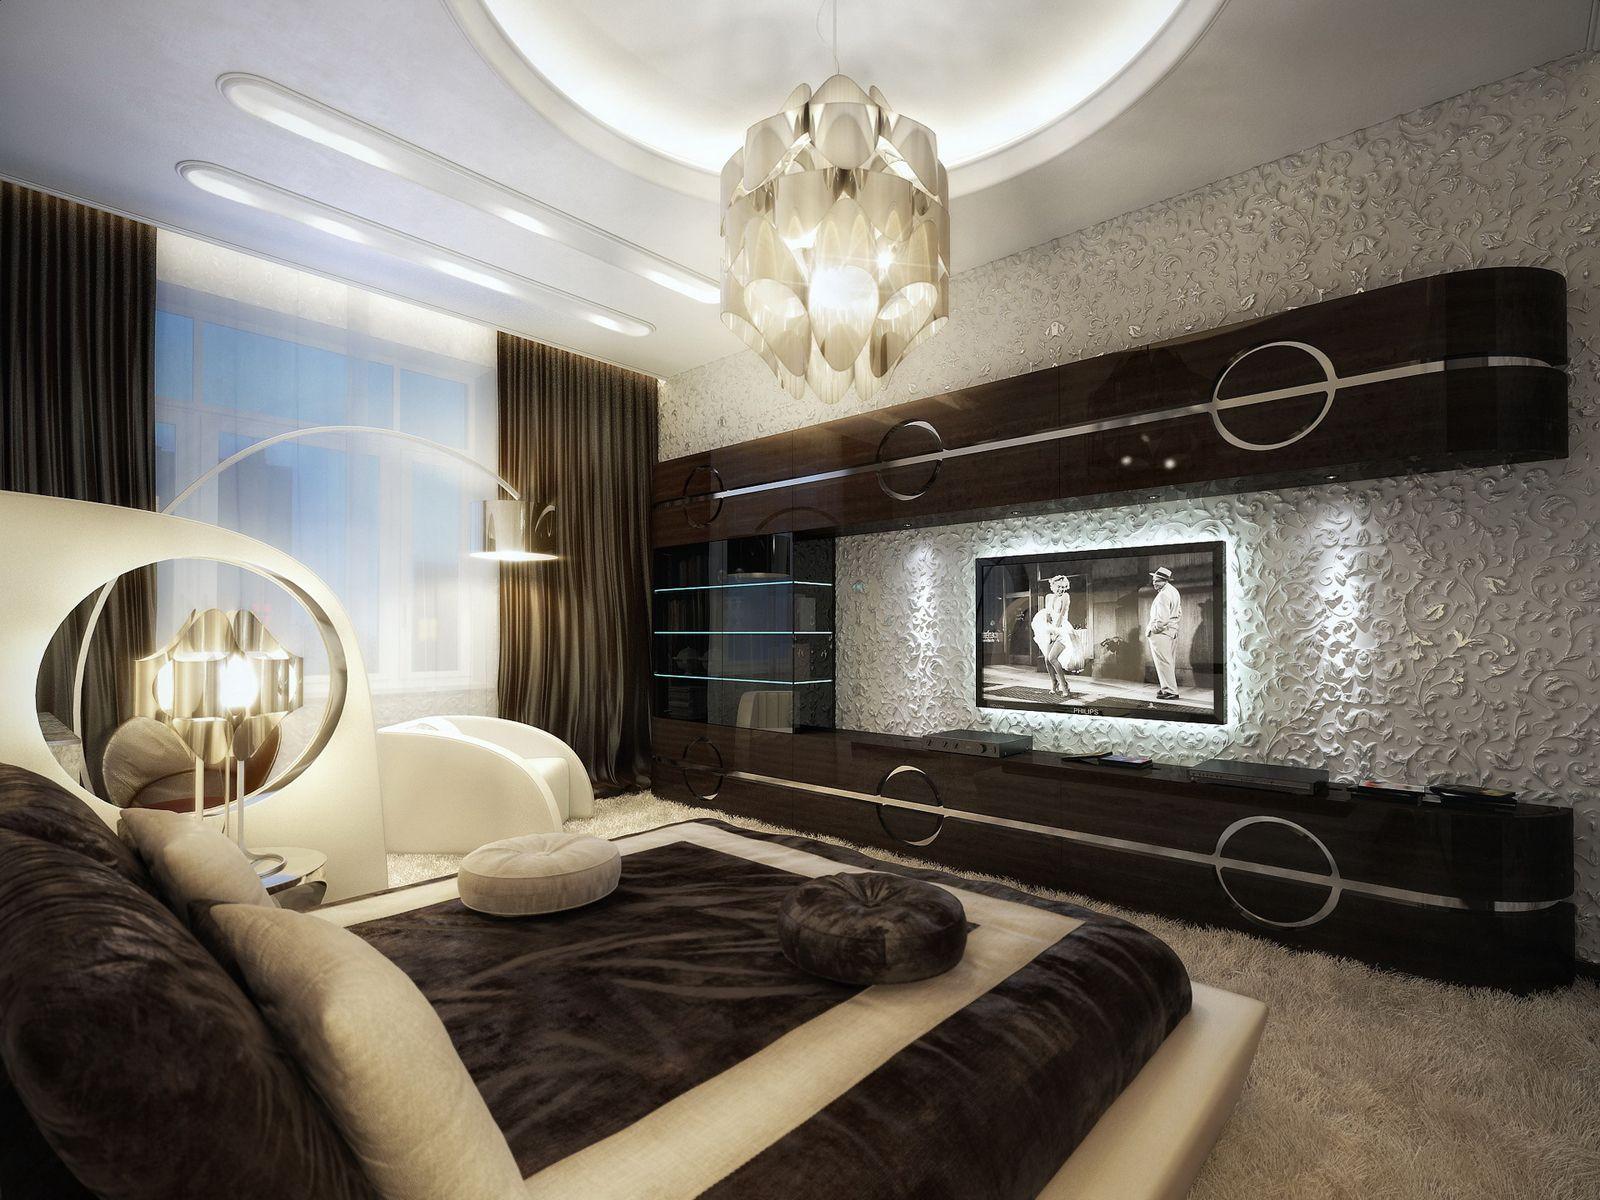 luxury interior design modern vintage luxury interior design home homedecor interriordesign